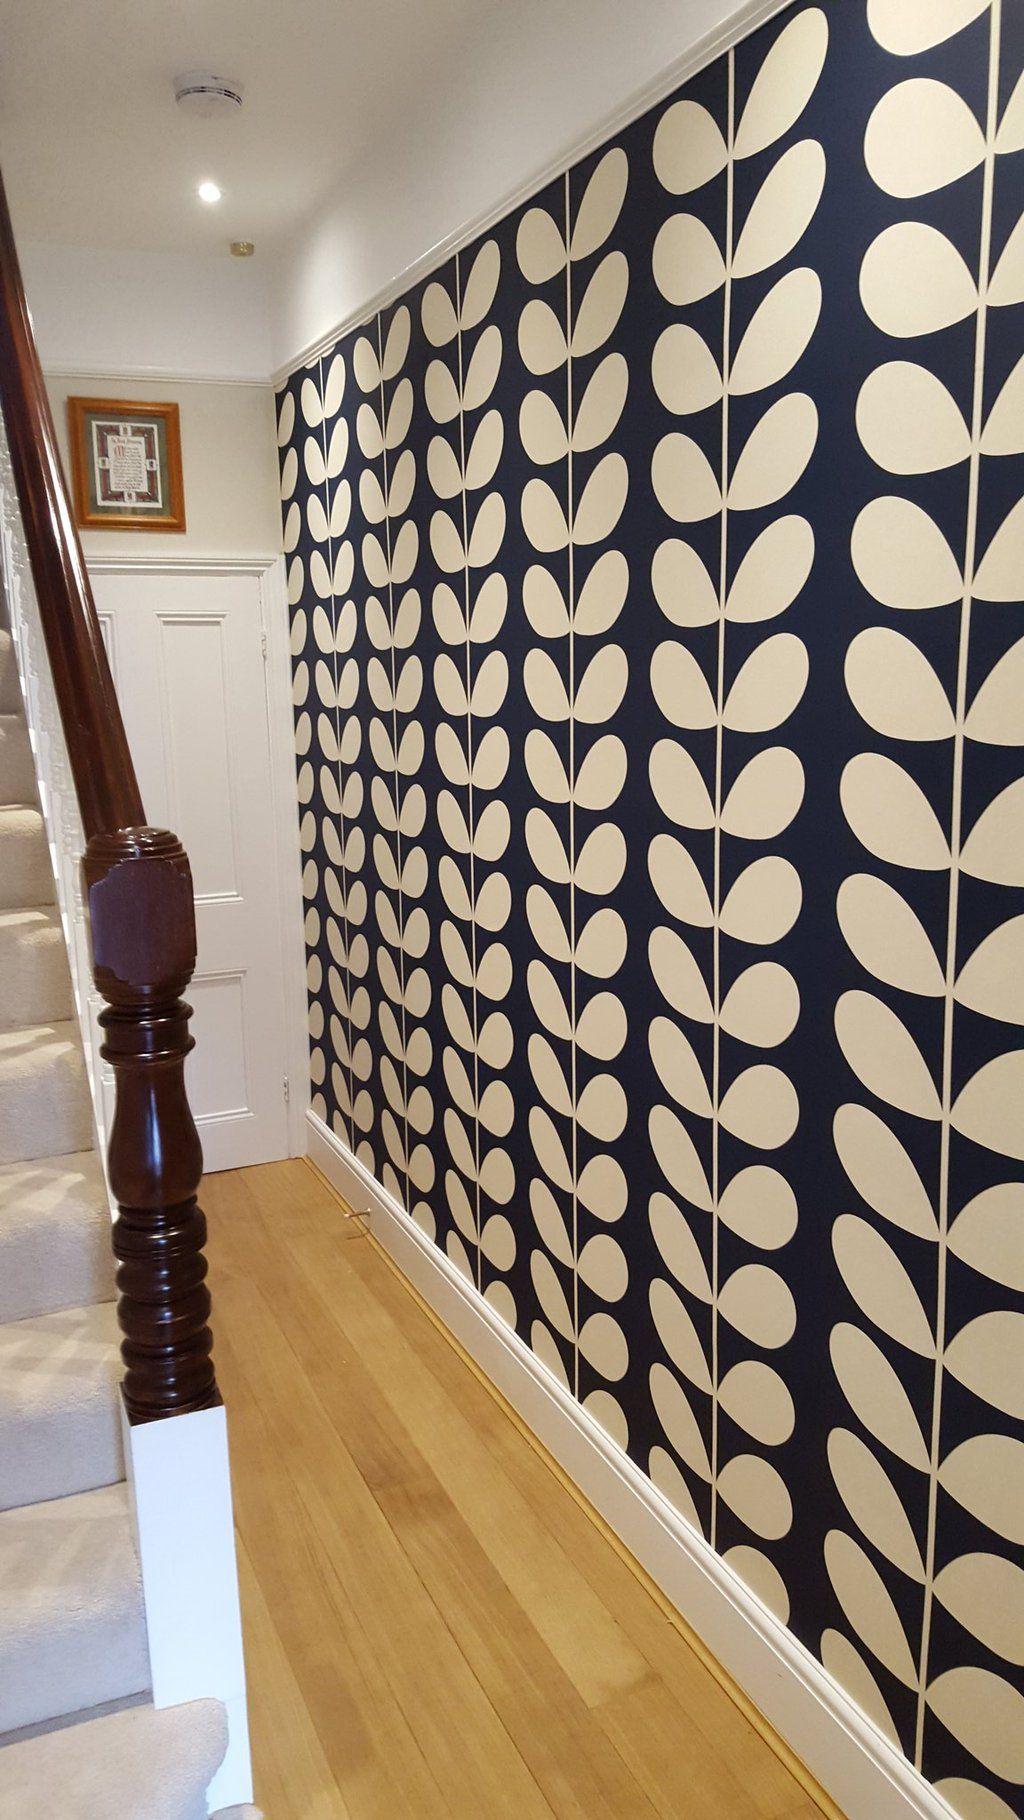 orla kiely stem wallpaper in 2019 Feature wall bedroom